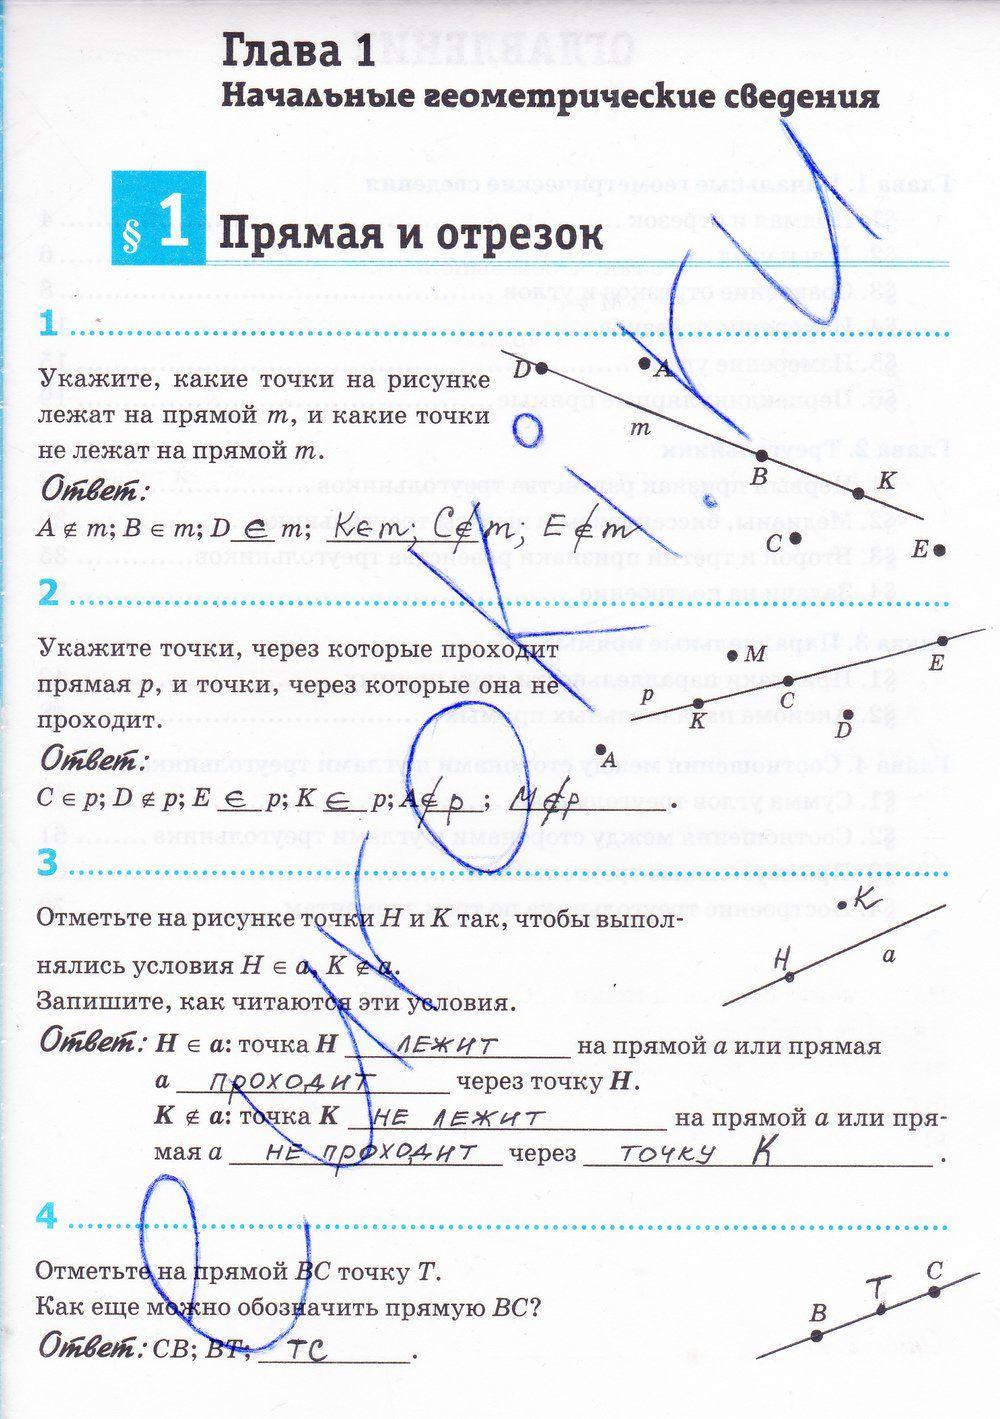 Готовые домашние задания гдз по алгебре разгулин